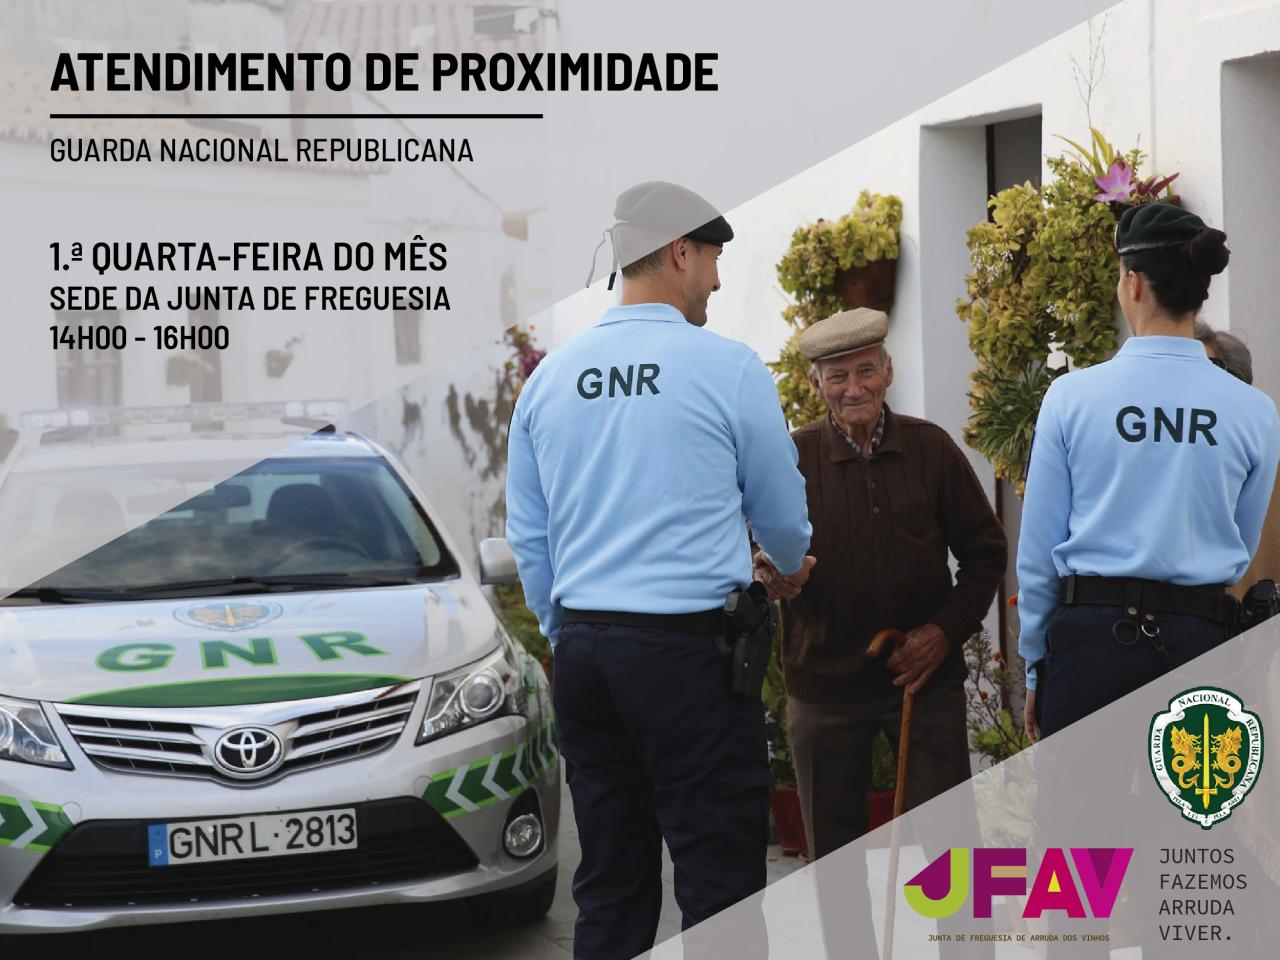 Parceira Junta de Freguesia/GNR cria Atendimento de Proximidade